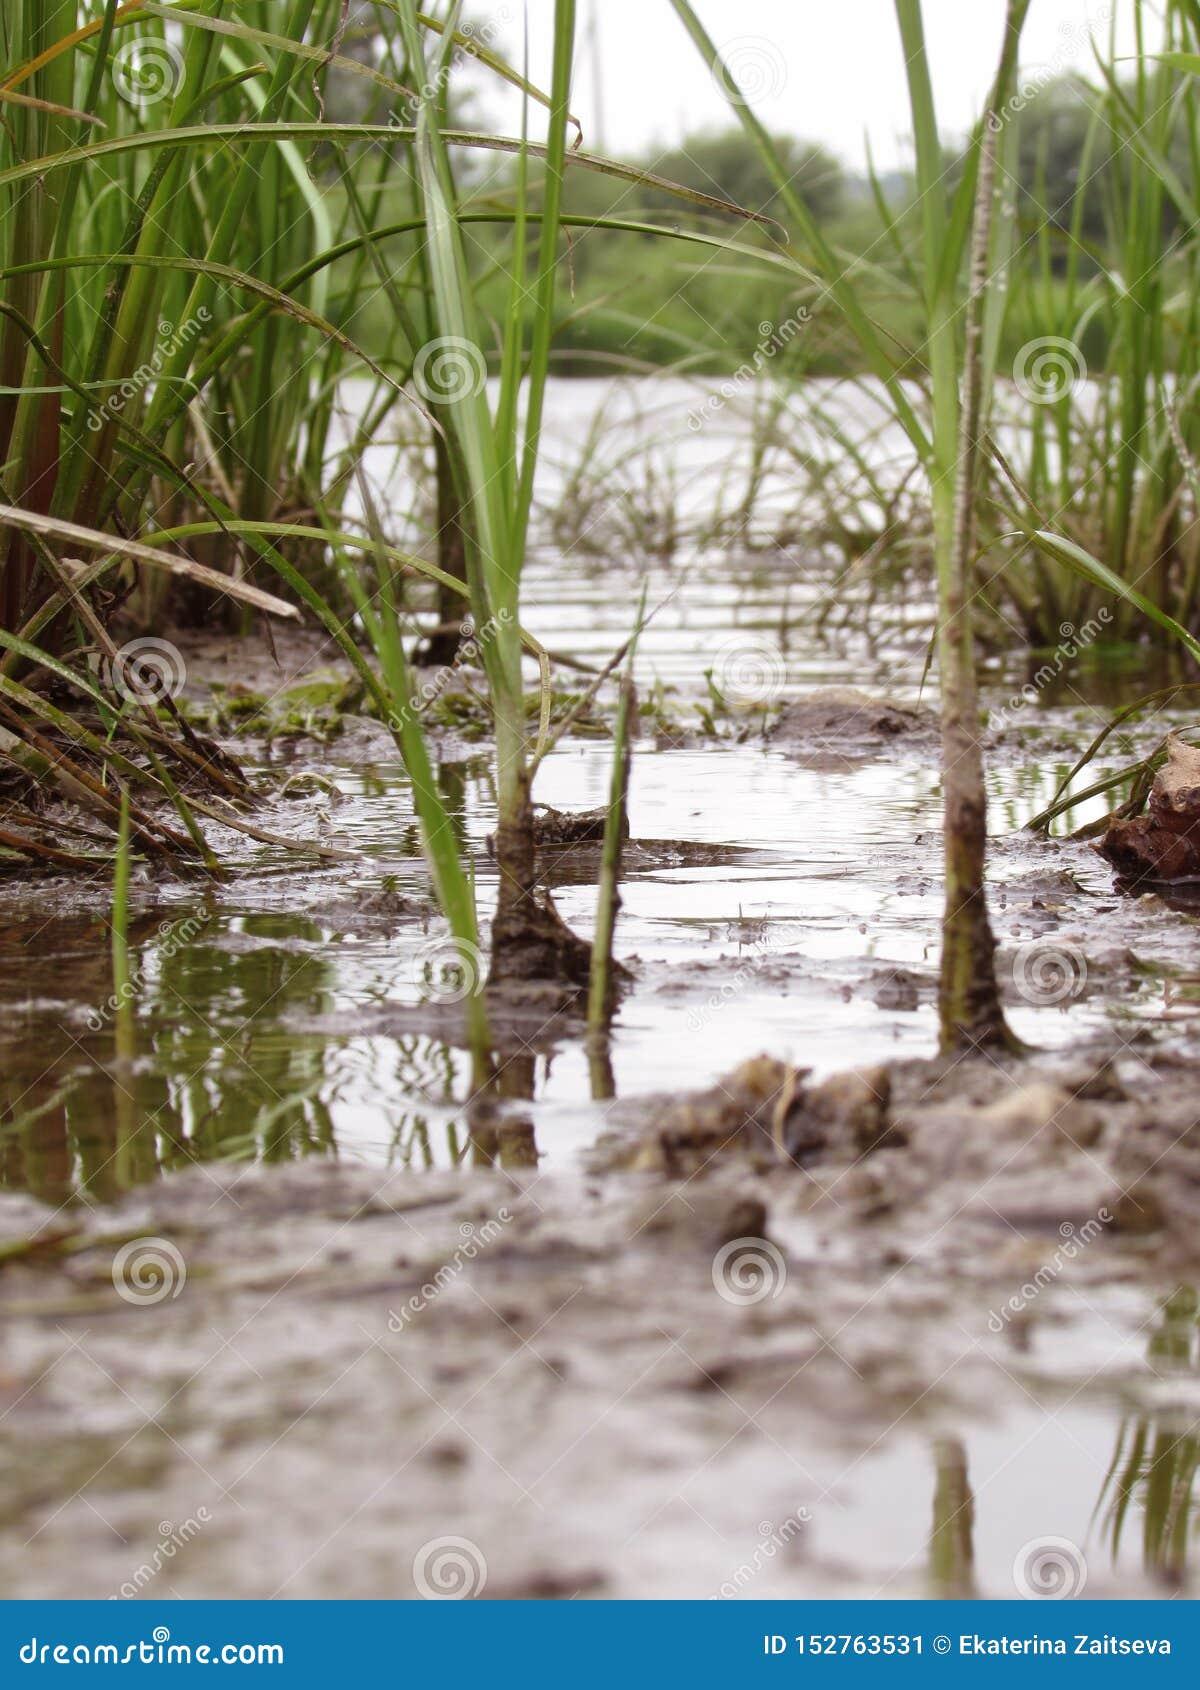 Hellgrünes saftiges Flussgras mit schmutzigen schwarzen Wurzeln auf der Bank des Flusses des Sees wächst